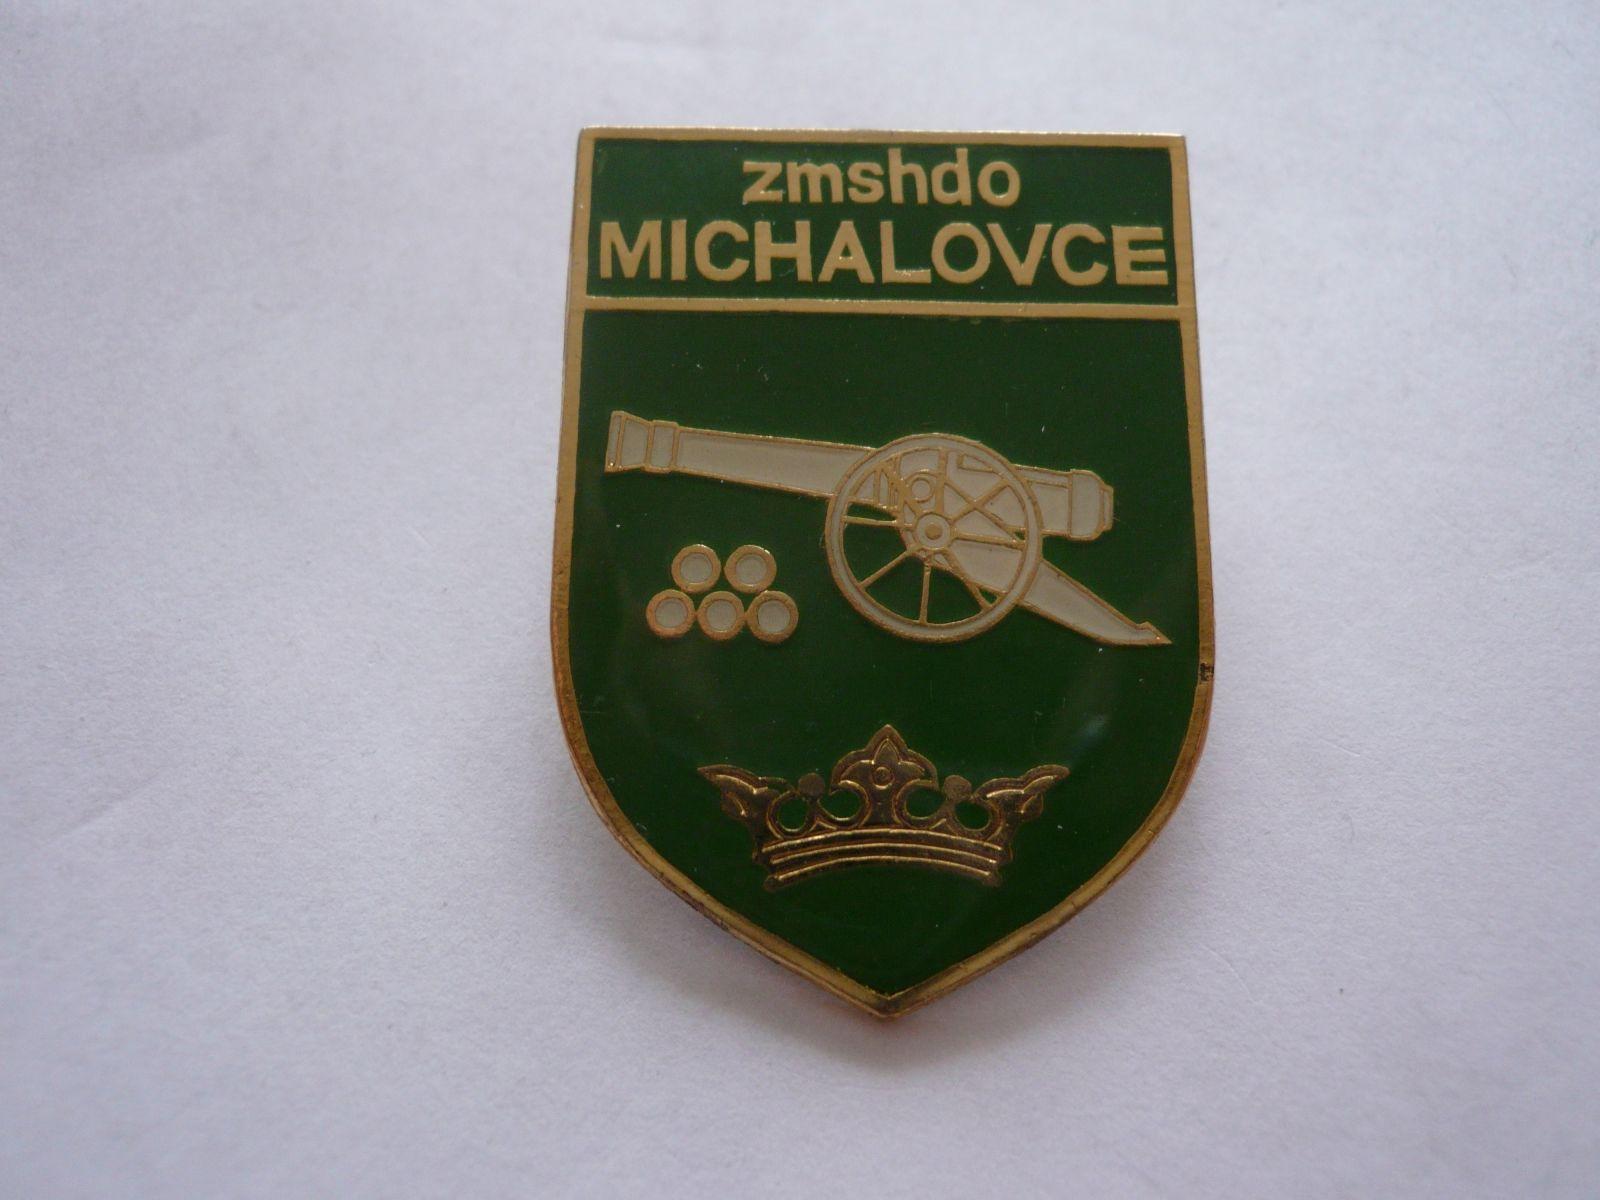 dělostřelecký pluk Michalovce, Slovensko